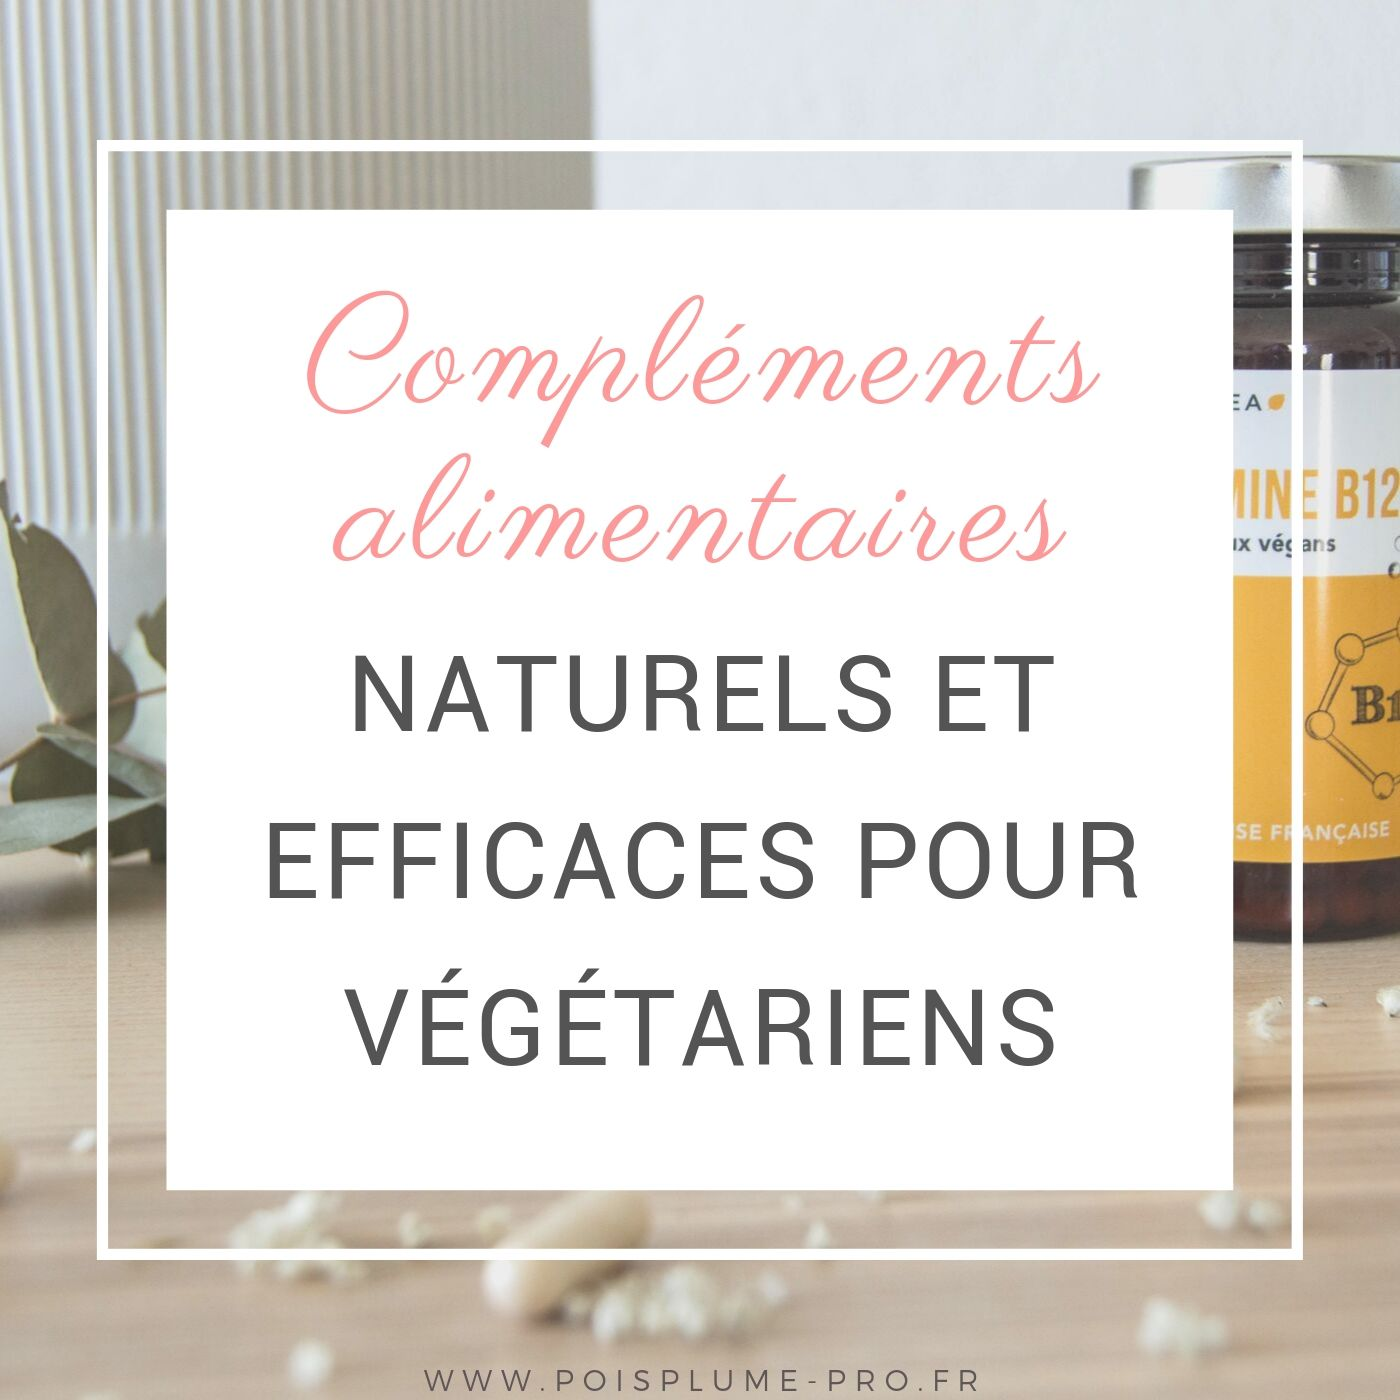 compléments alimentaires naturels et efficaces pour végétariens (2)